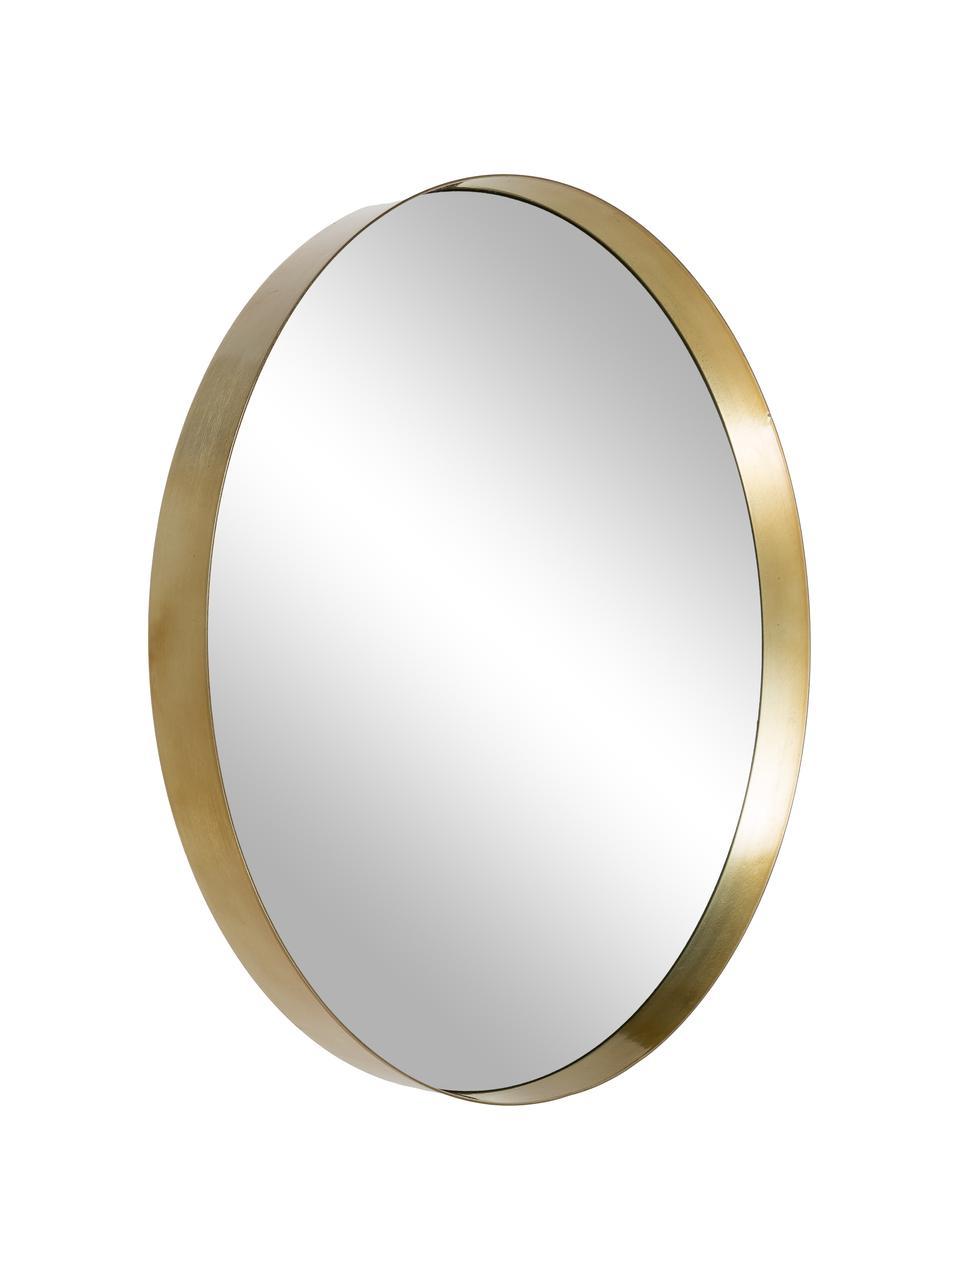 Kulaté nástěnné zrcadlo Metal, Rám: zlatá Zrcadlové sklo